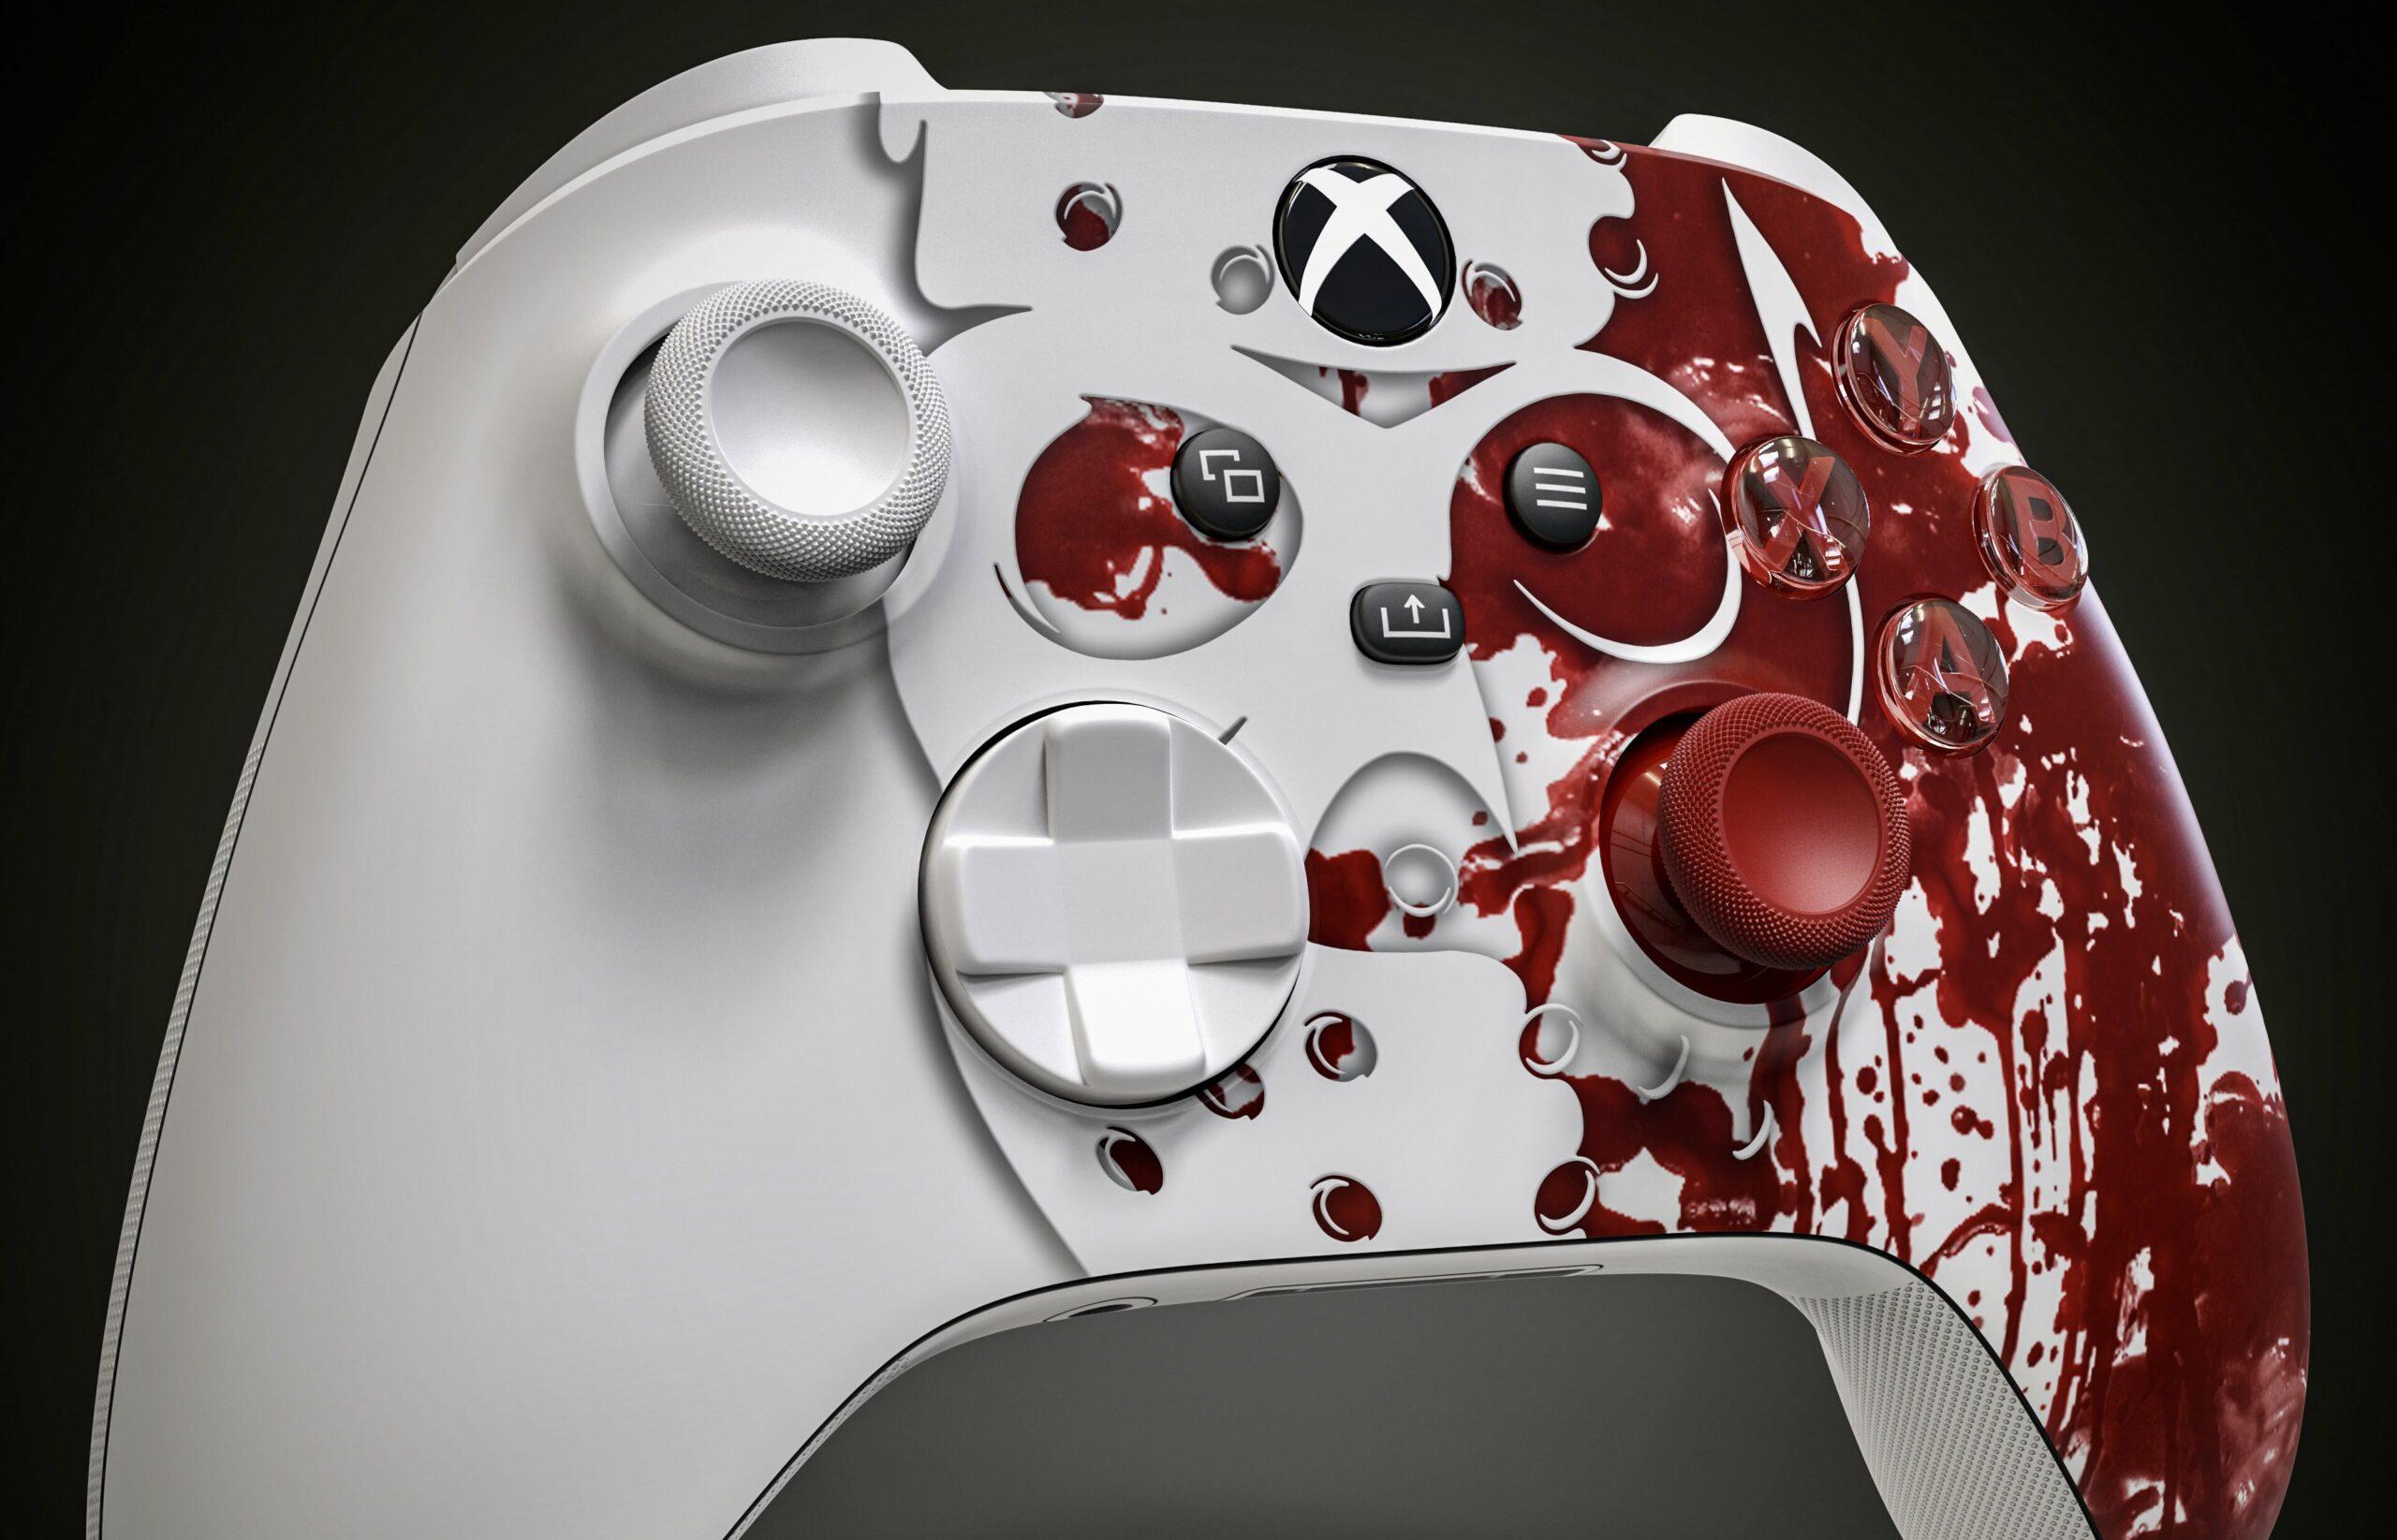 Дизайнер представил варианты геймпадов Xbox к Хэллоуину